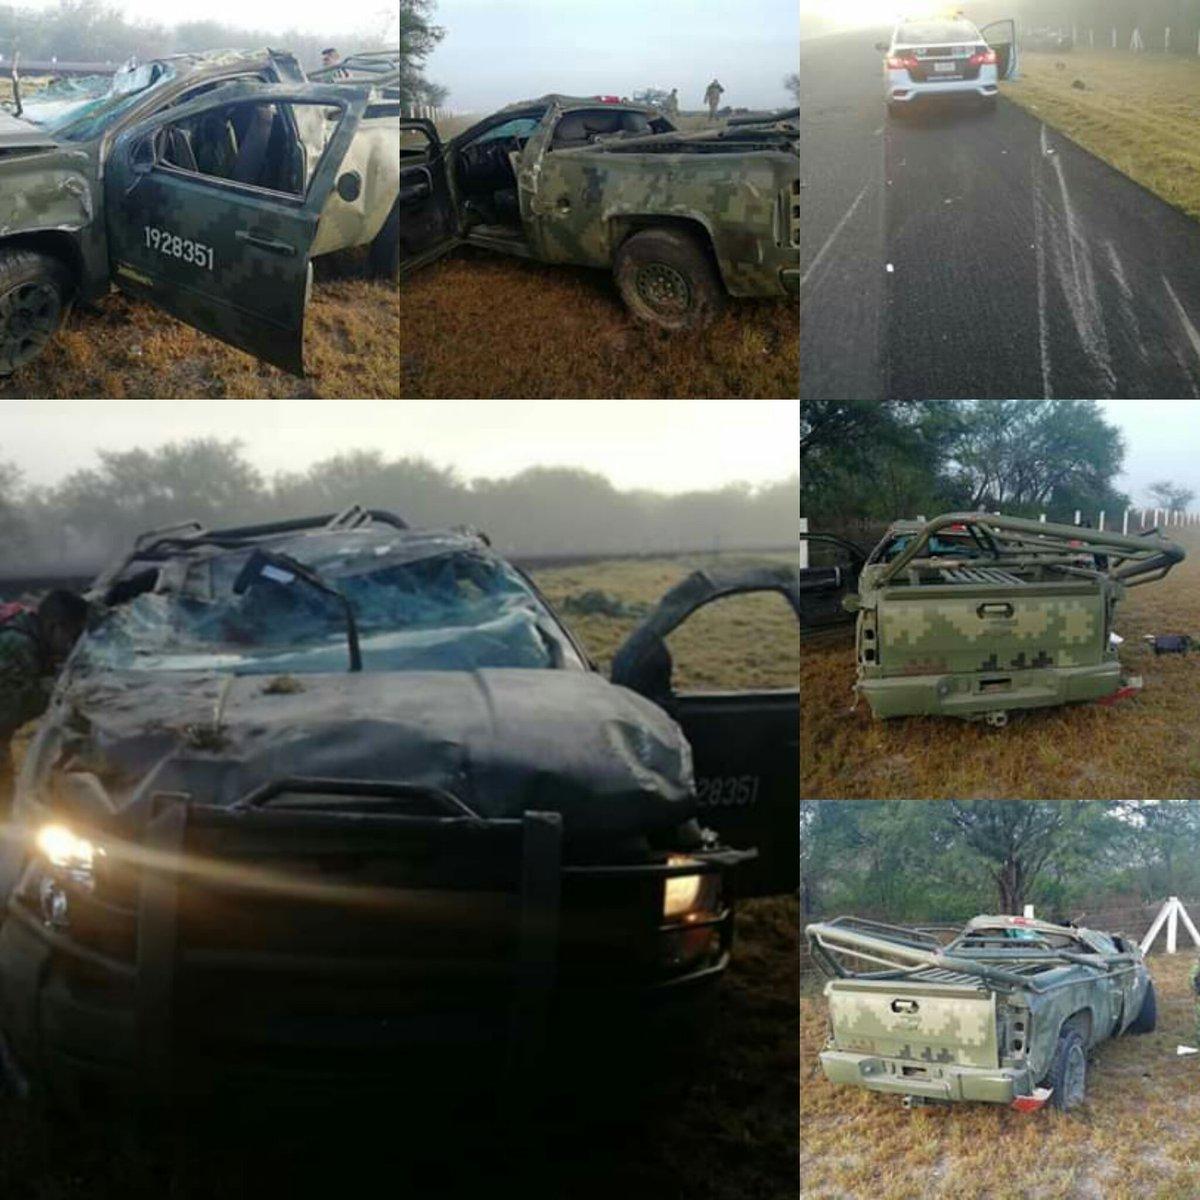 6 militares heridos y uno muerto deja accidente en San Luis Potosí